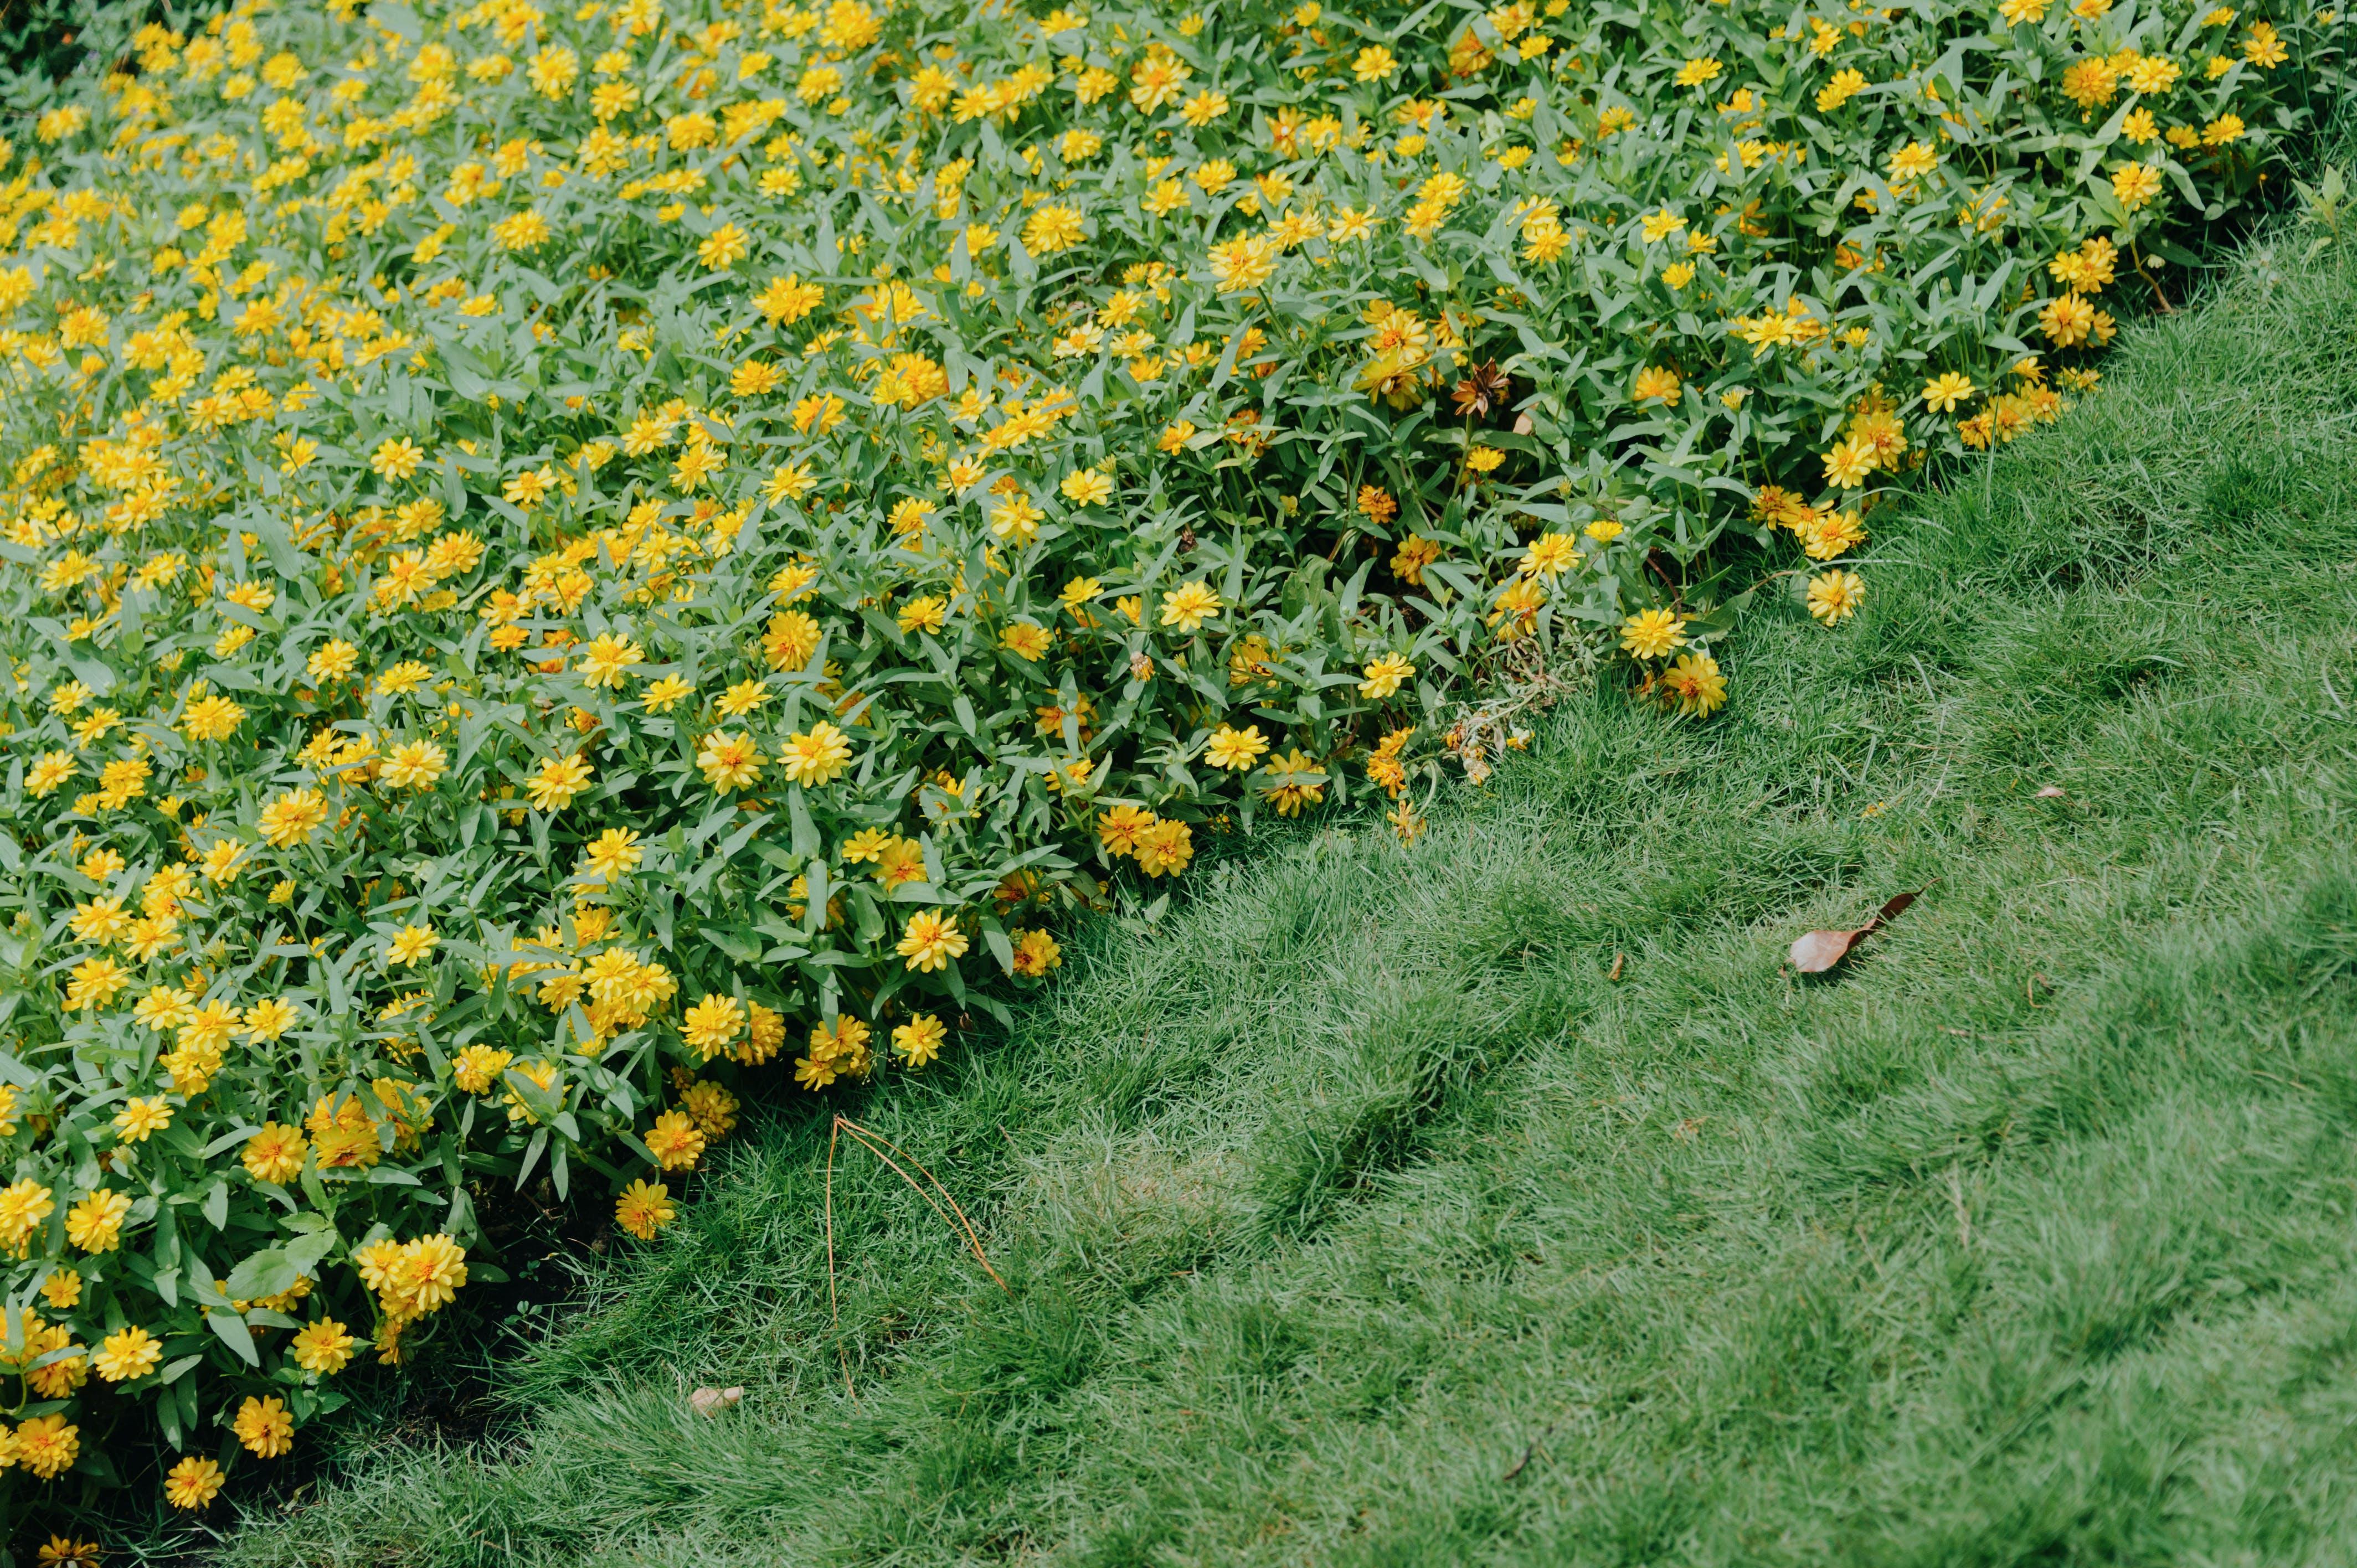 clairière, croissance, environnement